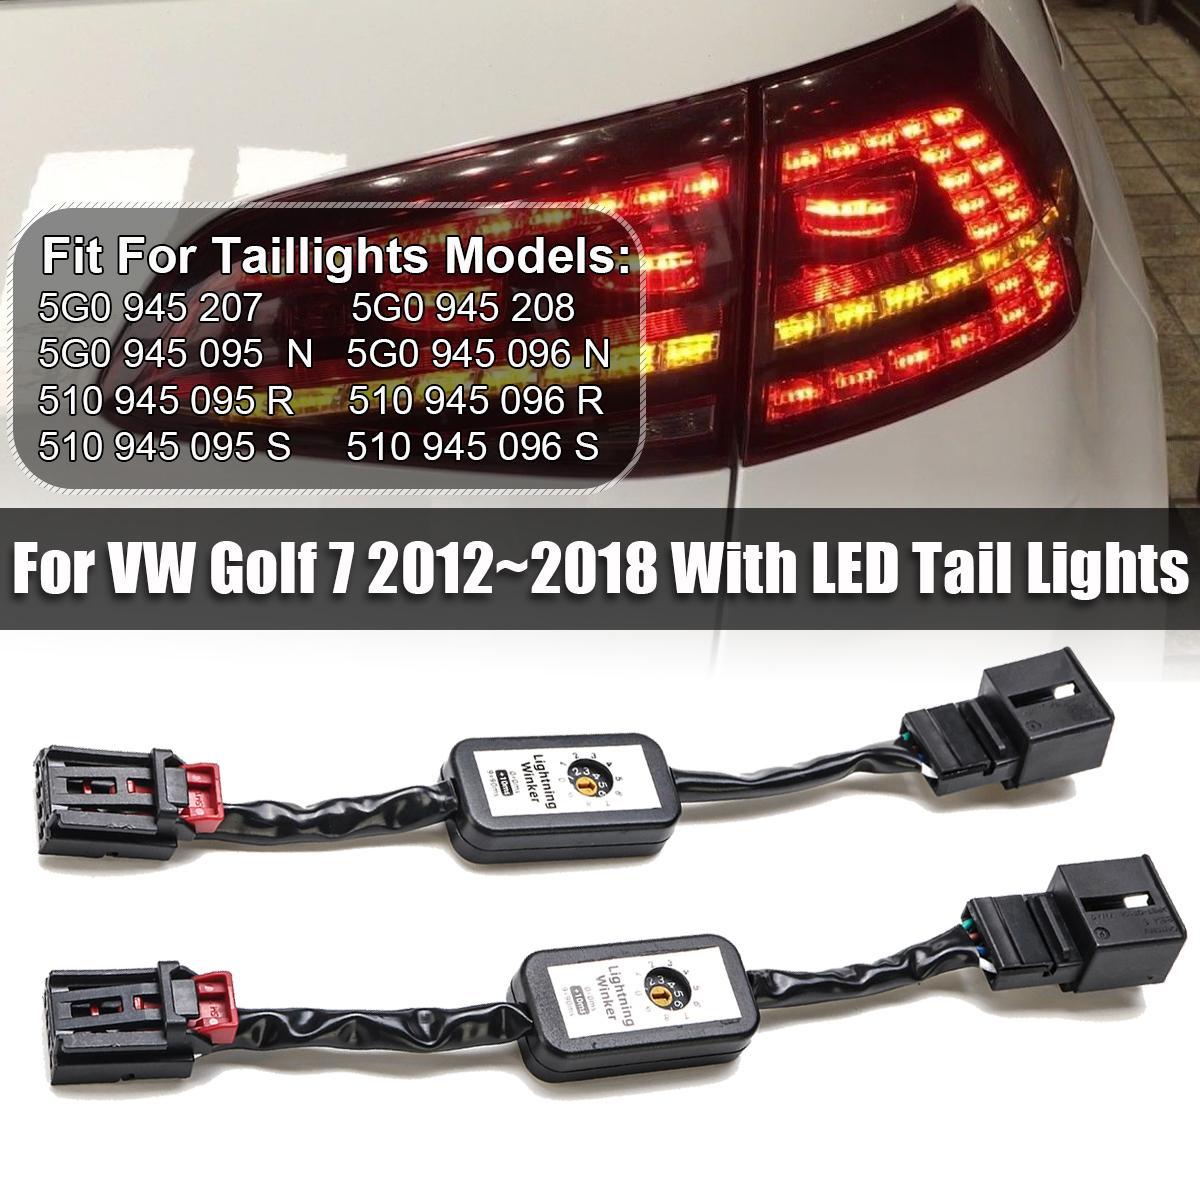 مؤشر السيارة LED الضوء الخلفي الوظيفة الإضافية سلك كابل تسخير بدوره ديناميكي إشارة الذيل ضوء اليسار الحق في الجولف 7 2012 ~ 2018